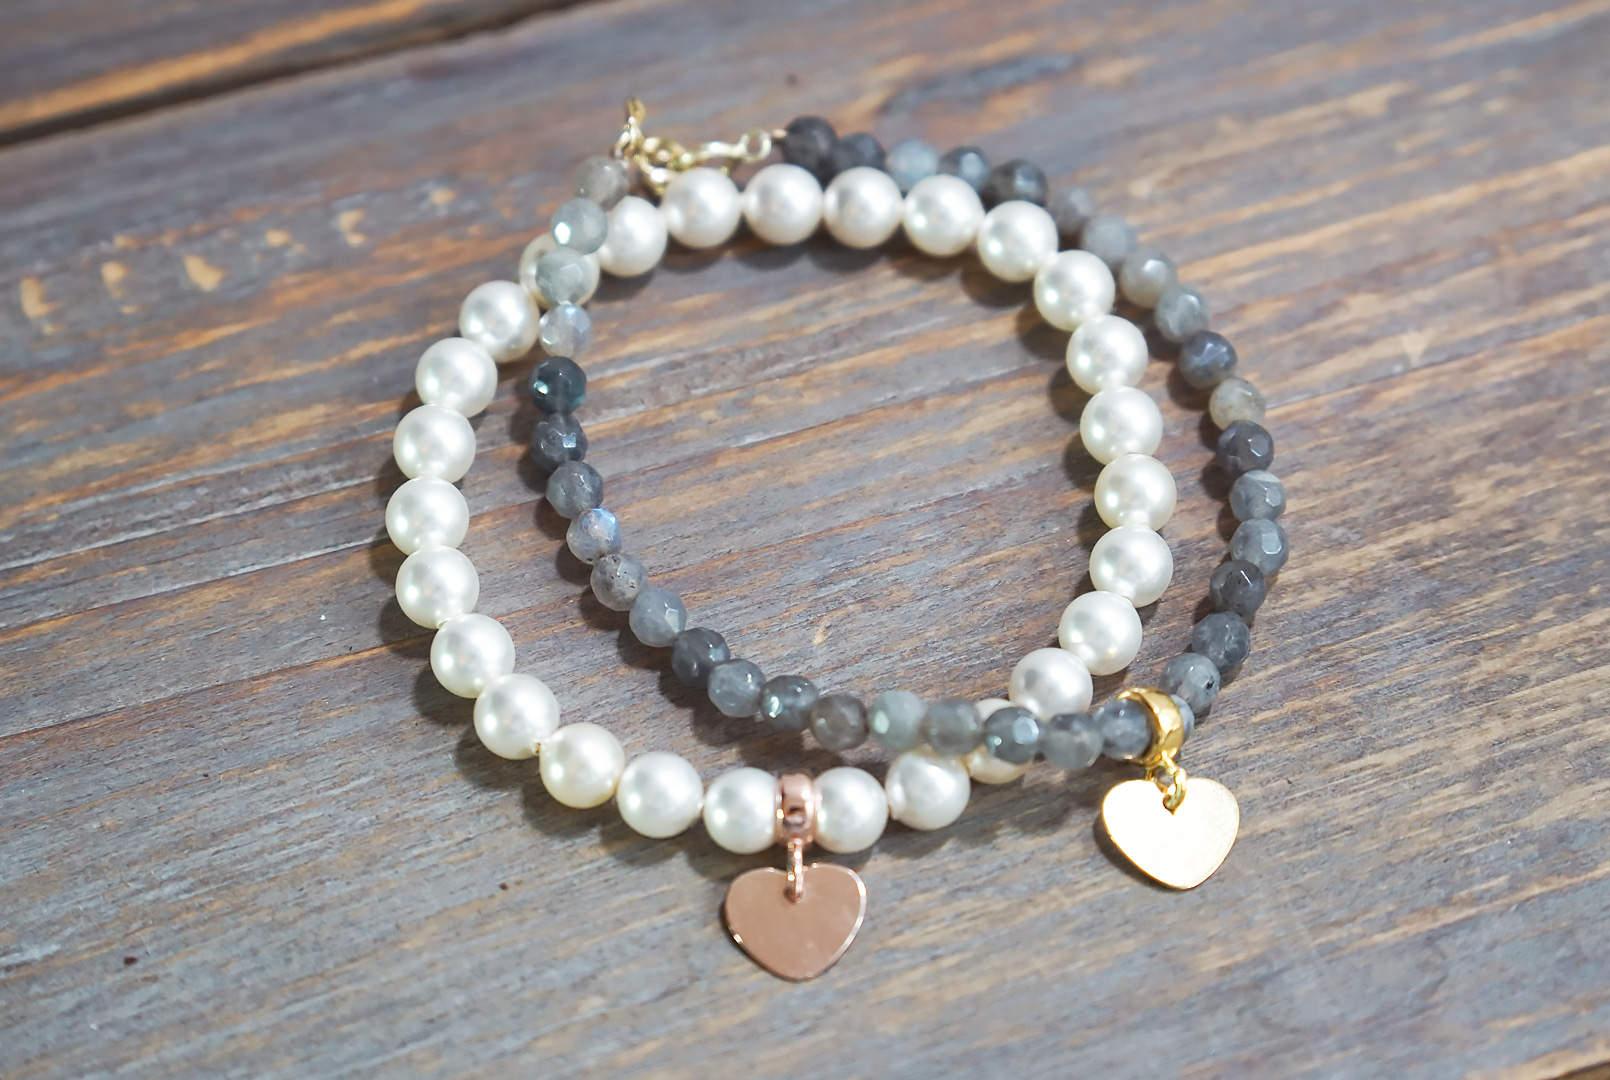 DIY Romantische Herz Armbänder